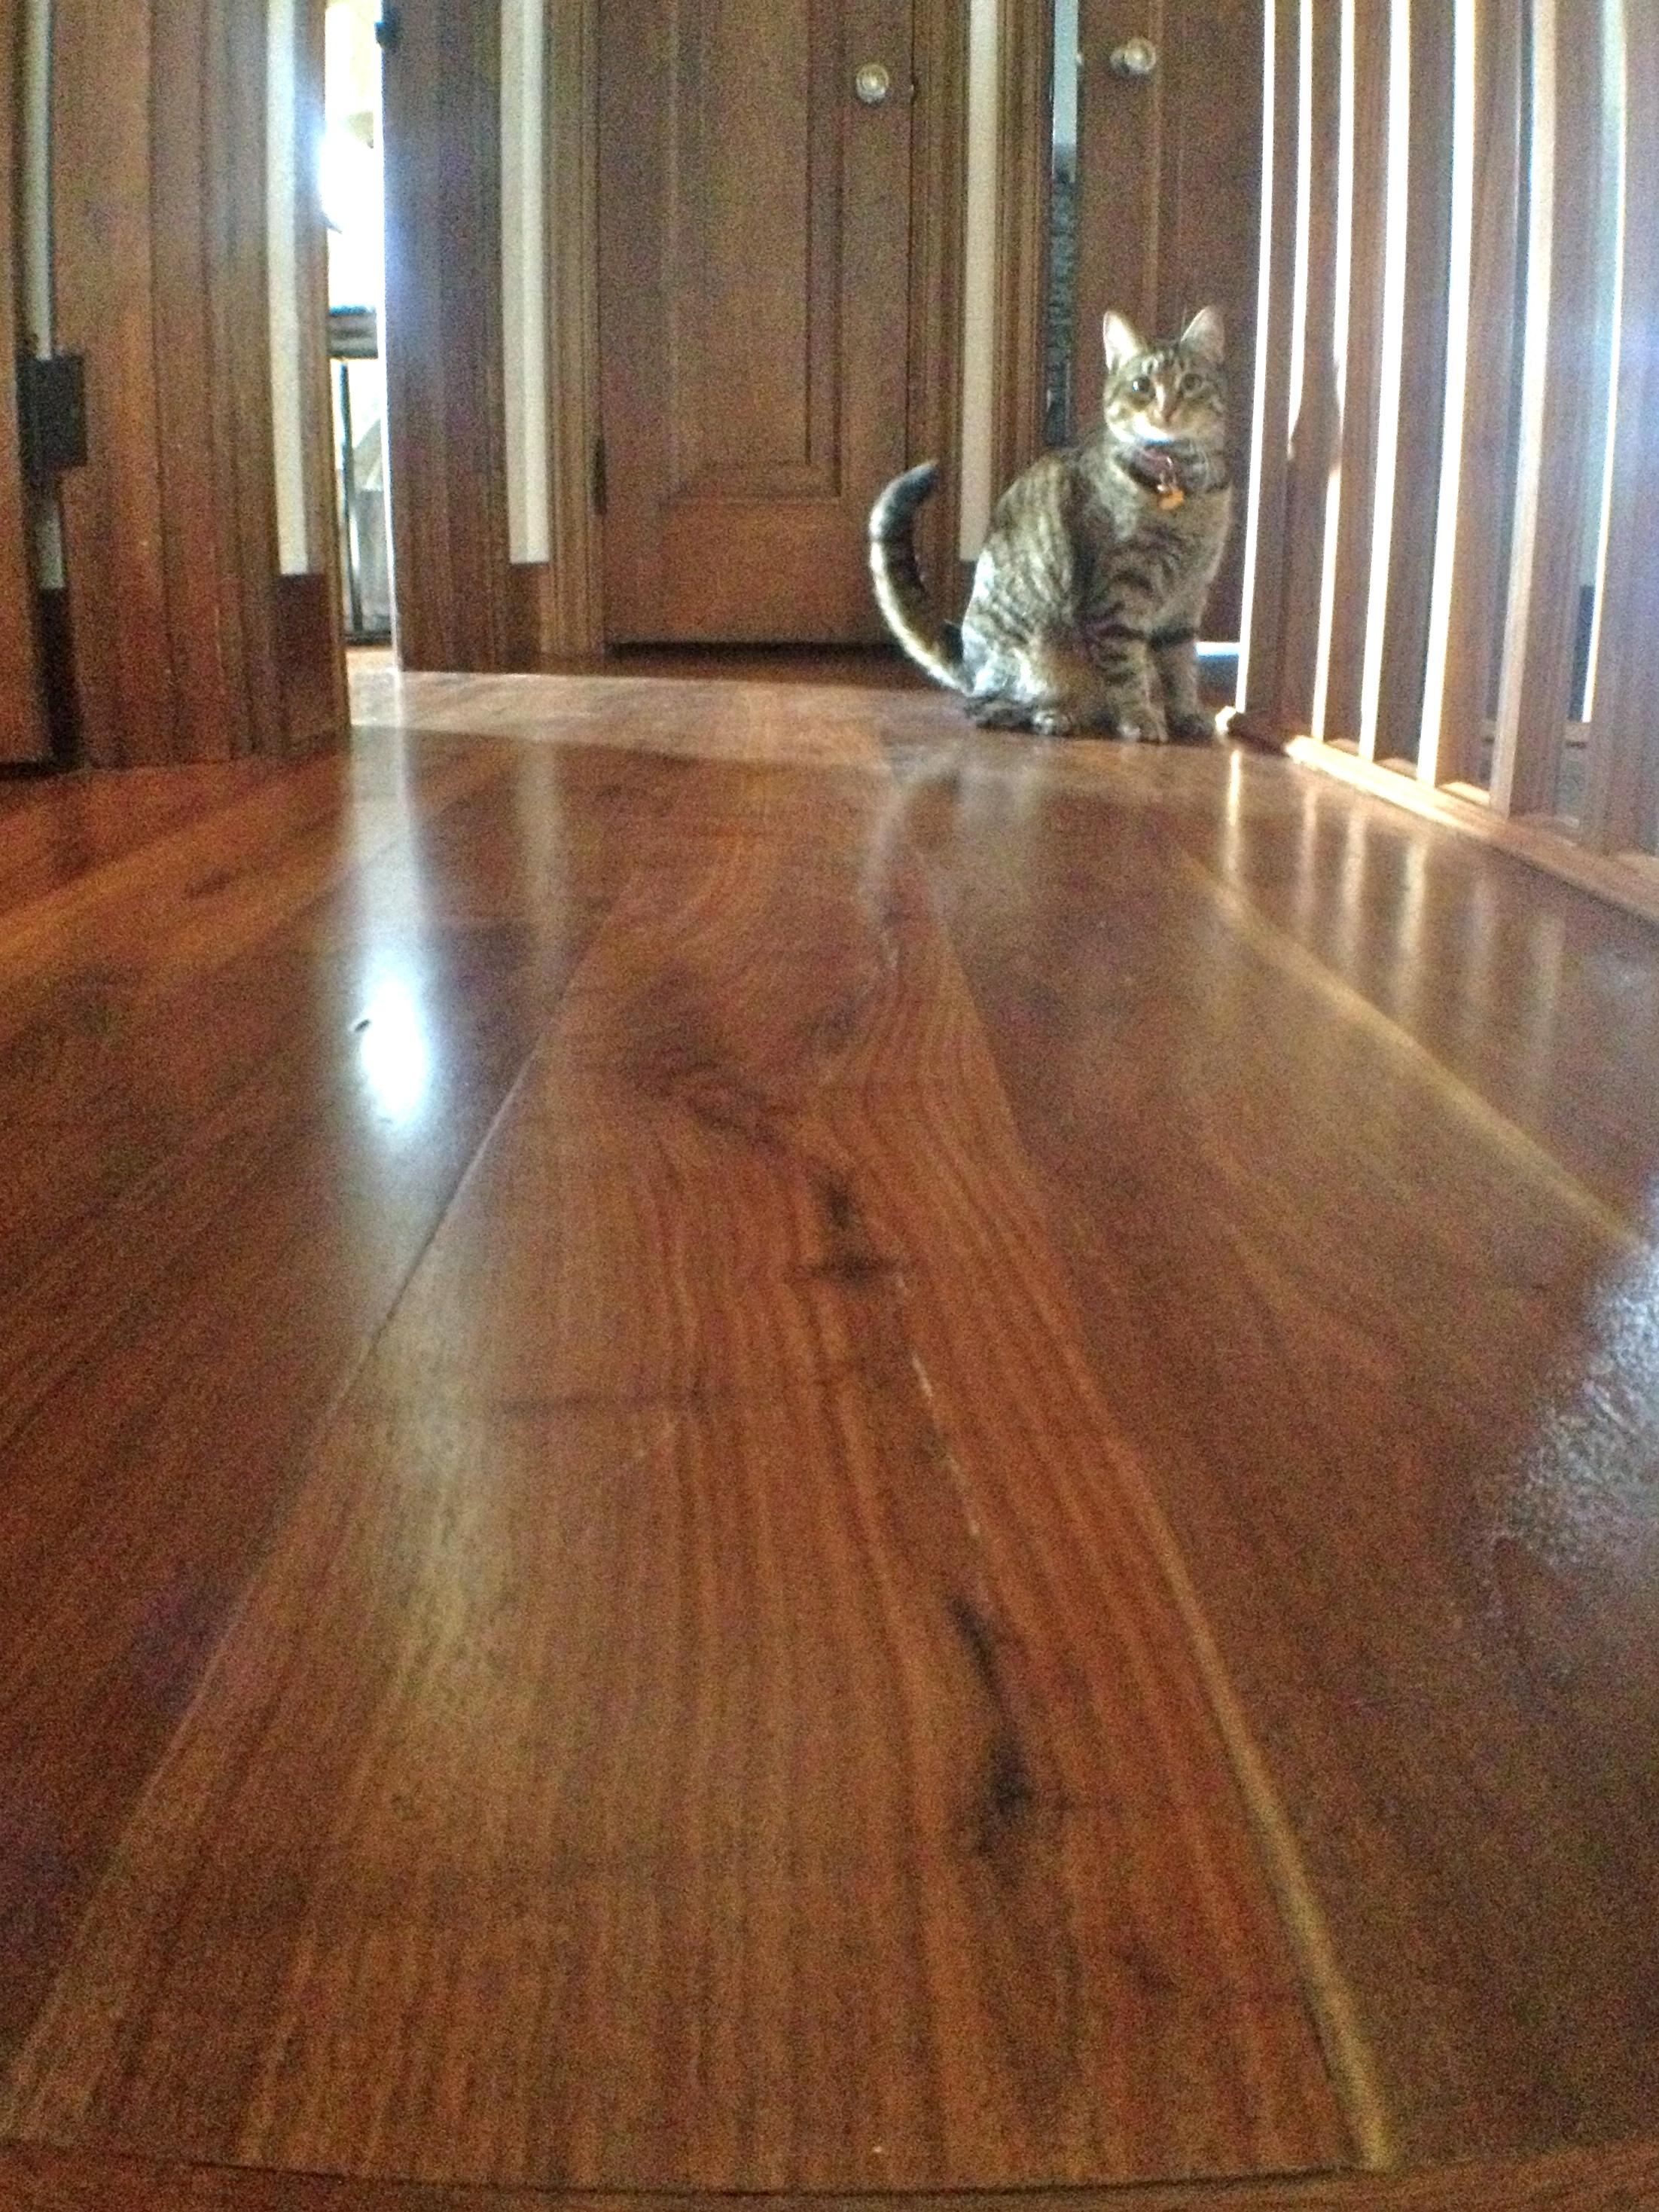 prefinished hardwood flooring finished on site vs pre-finish hardwood flooring ILDBFIZ